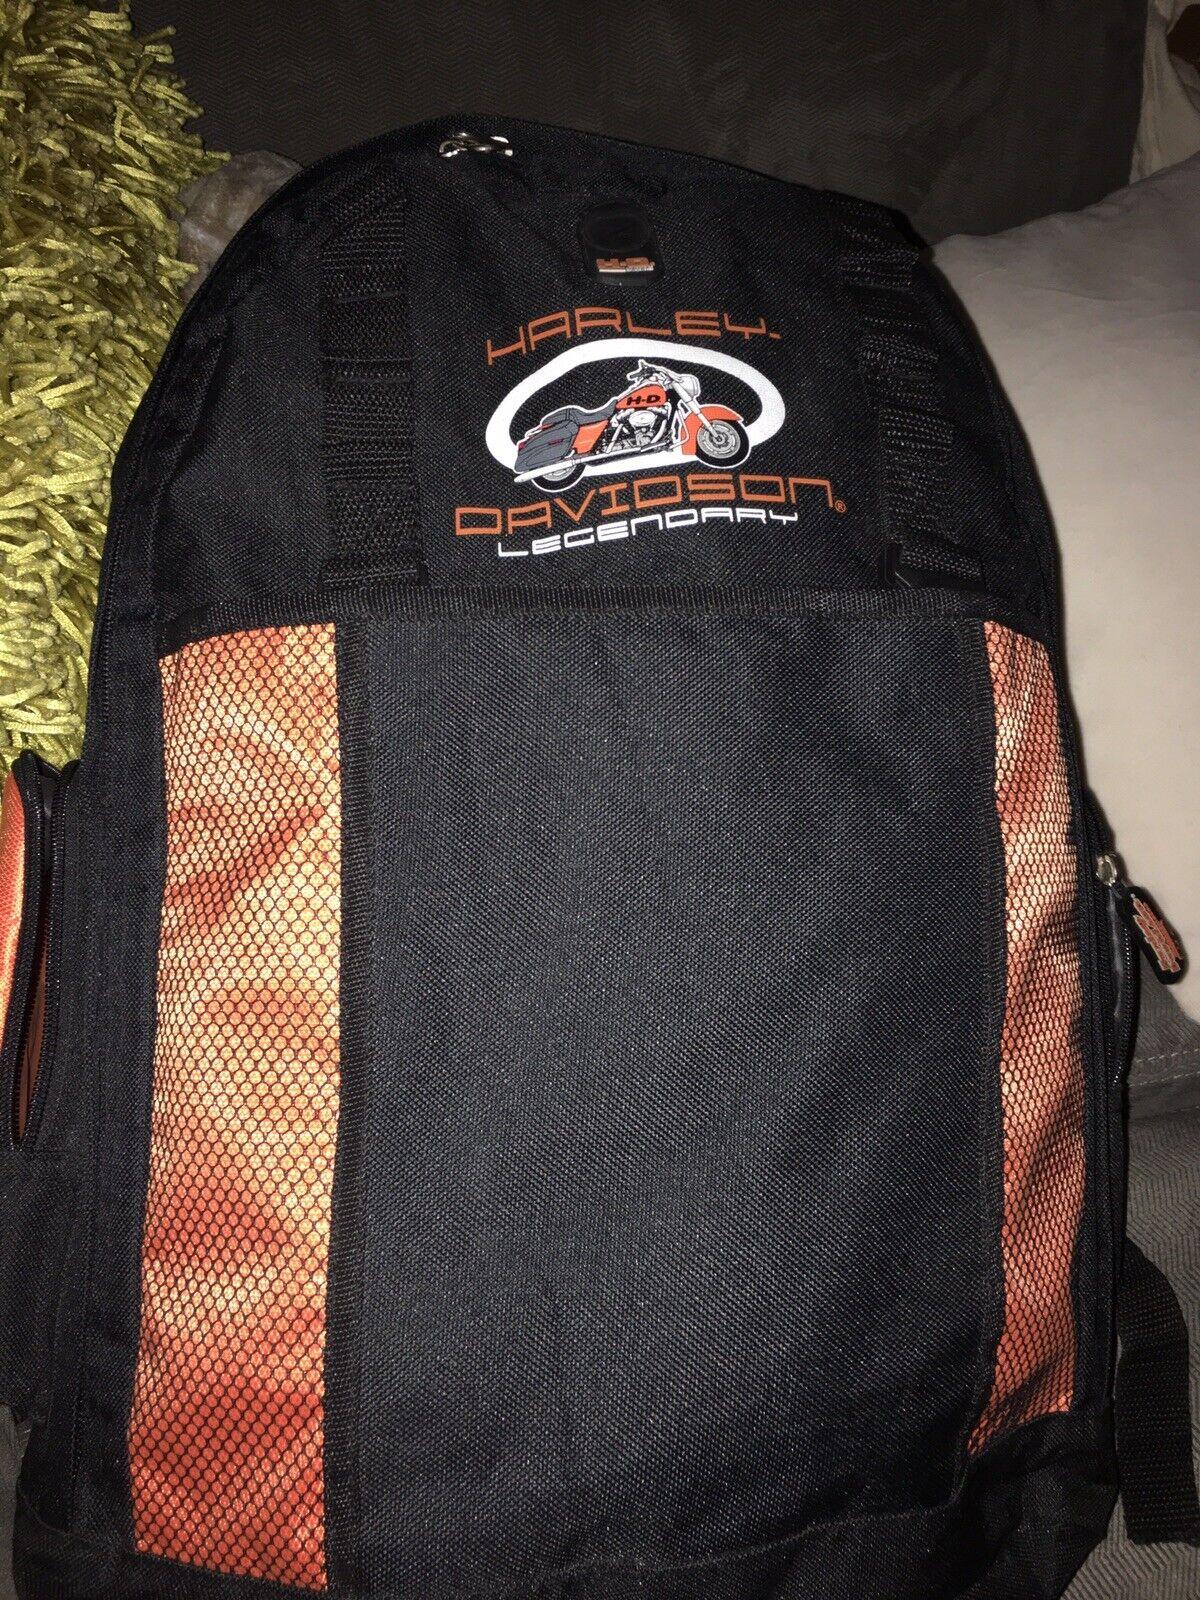 Harley Davidson Back Pack Black Orabge Used